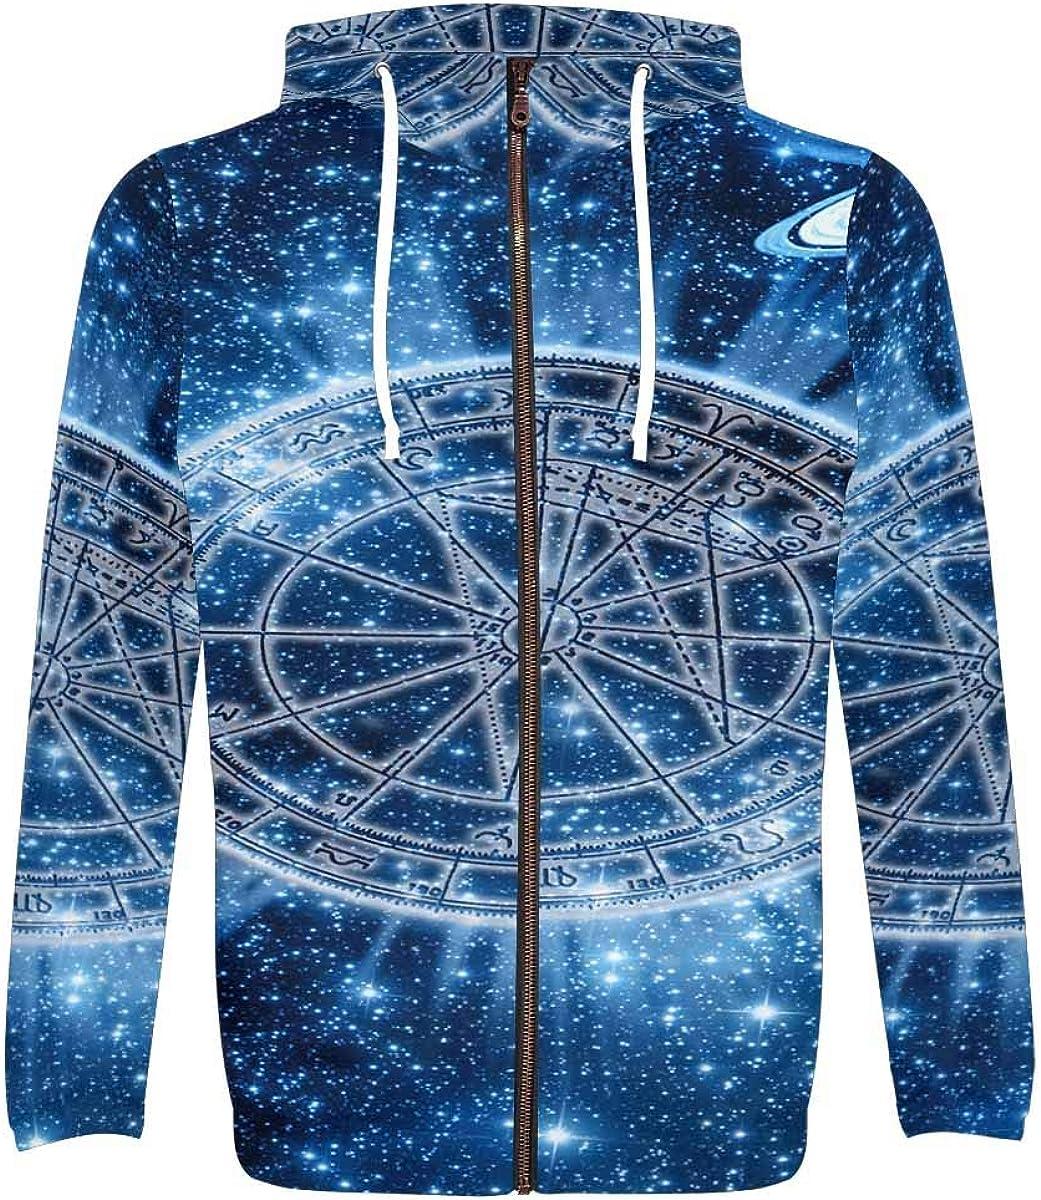 InterestPrint Men's All 2021 new Over Print Hoodie Sweatshirt Phoenix Mall Zip Full Sk